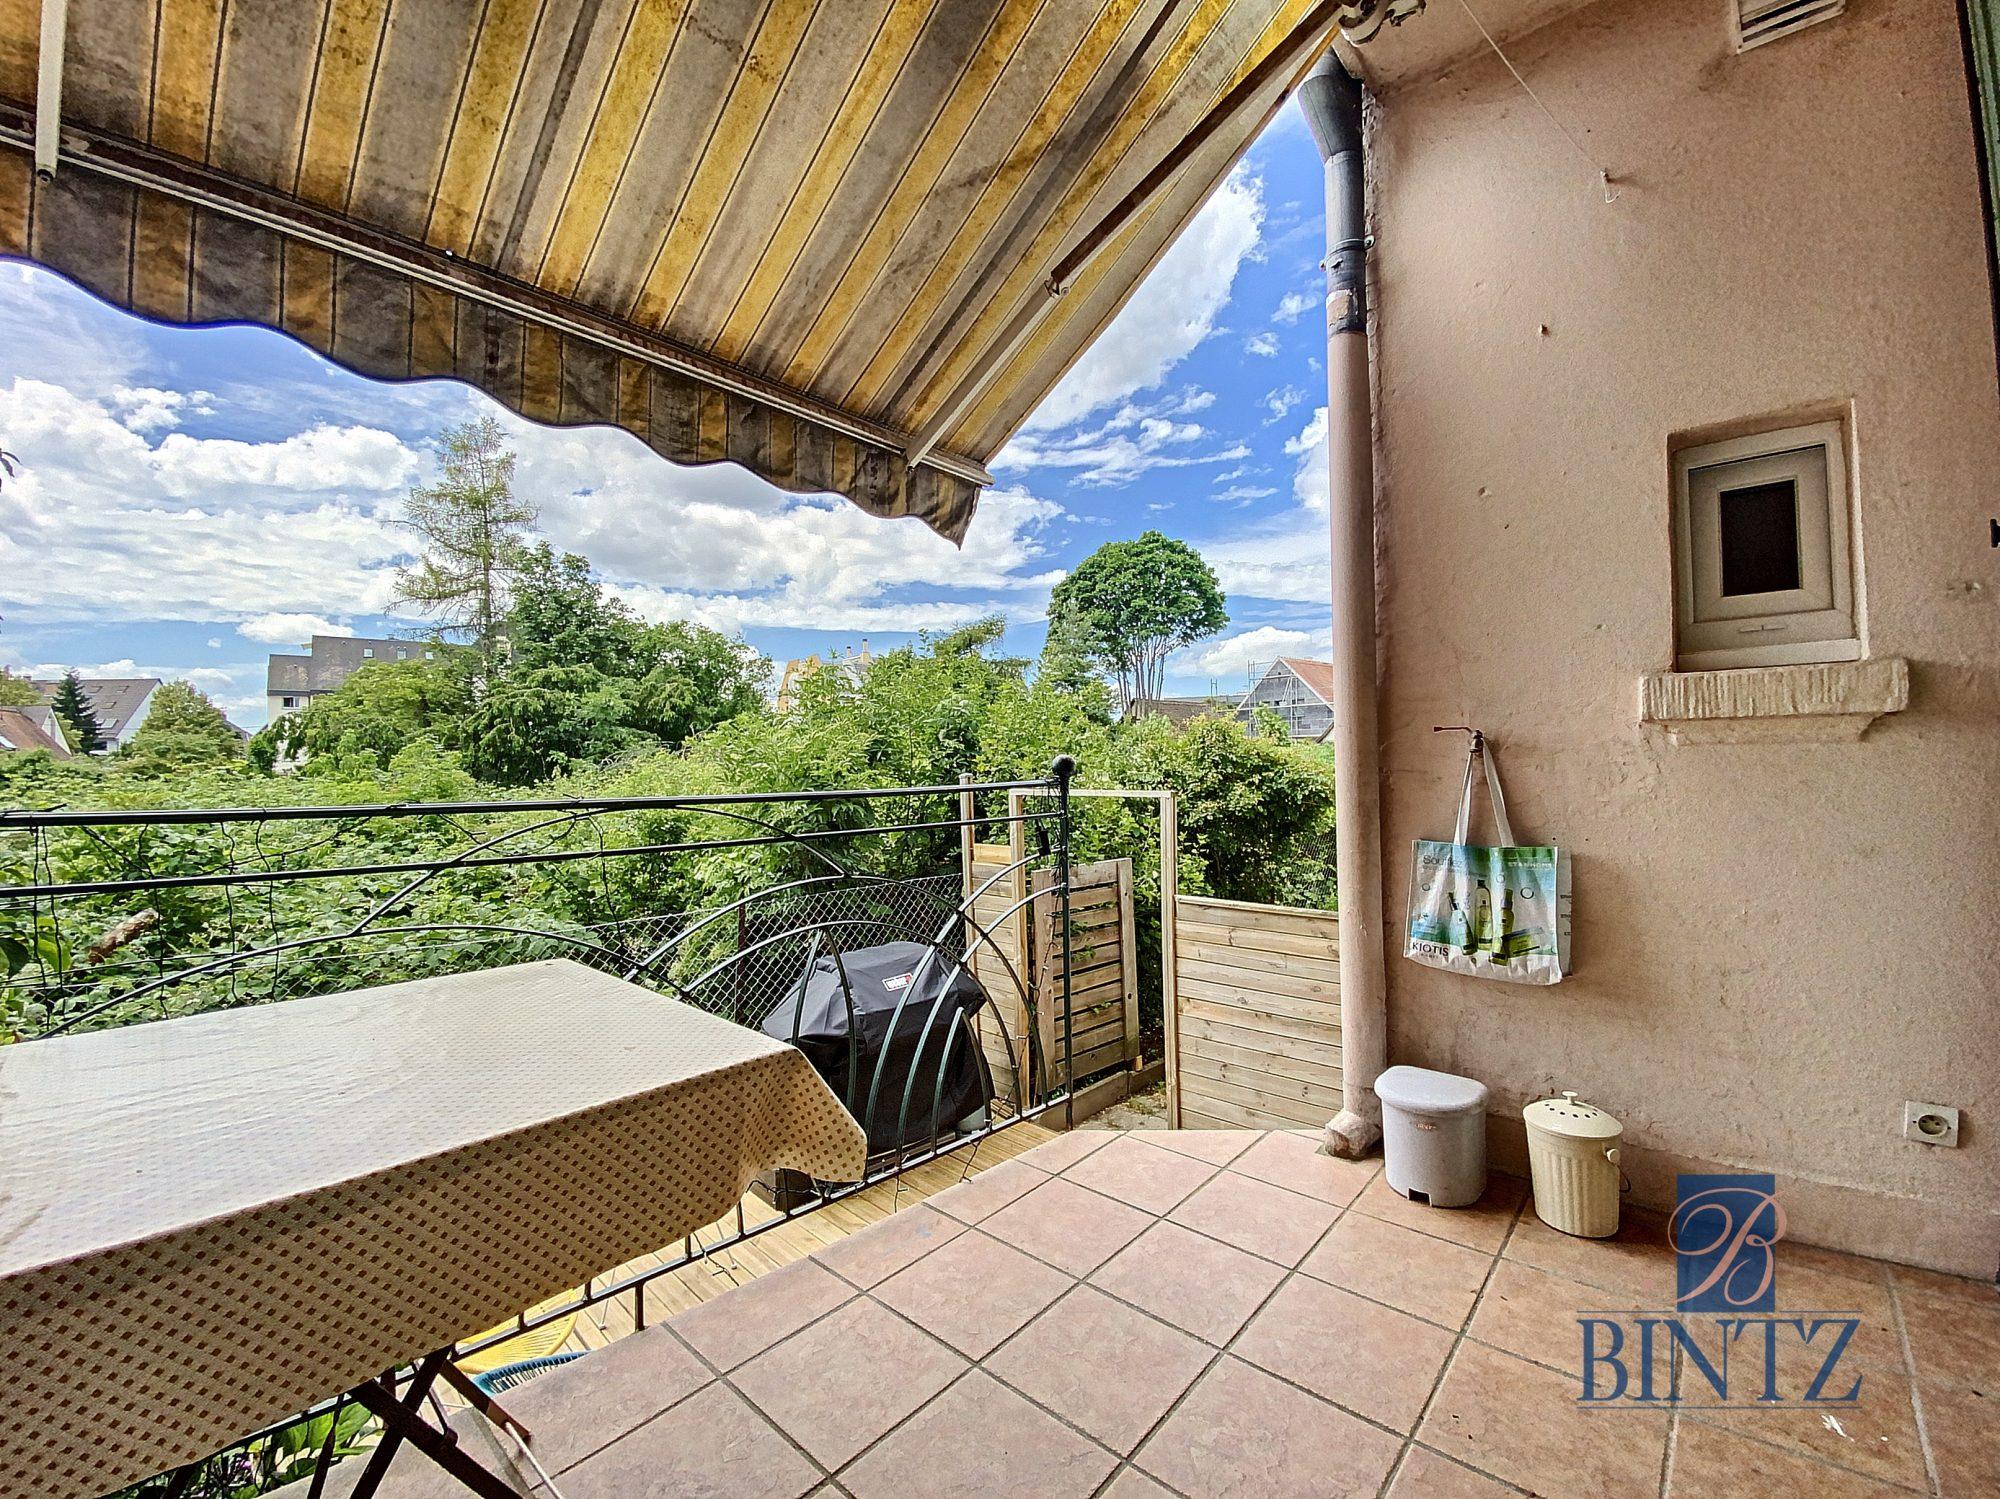 3 pièces avec terrasse à la Robertsau - Devenez propriétaire en toute confiance - Bintz Immobilier - 18